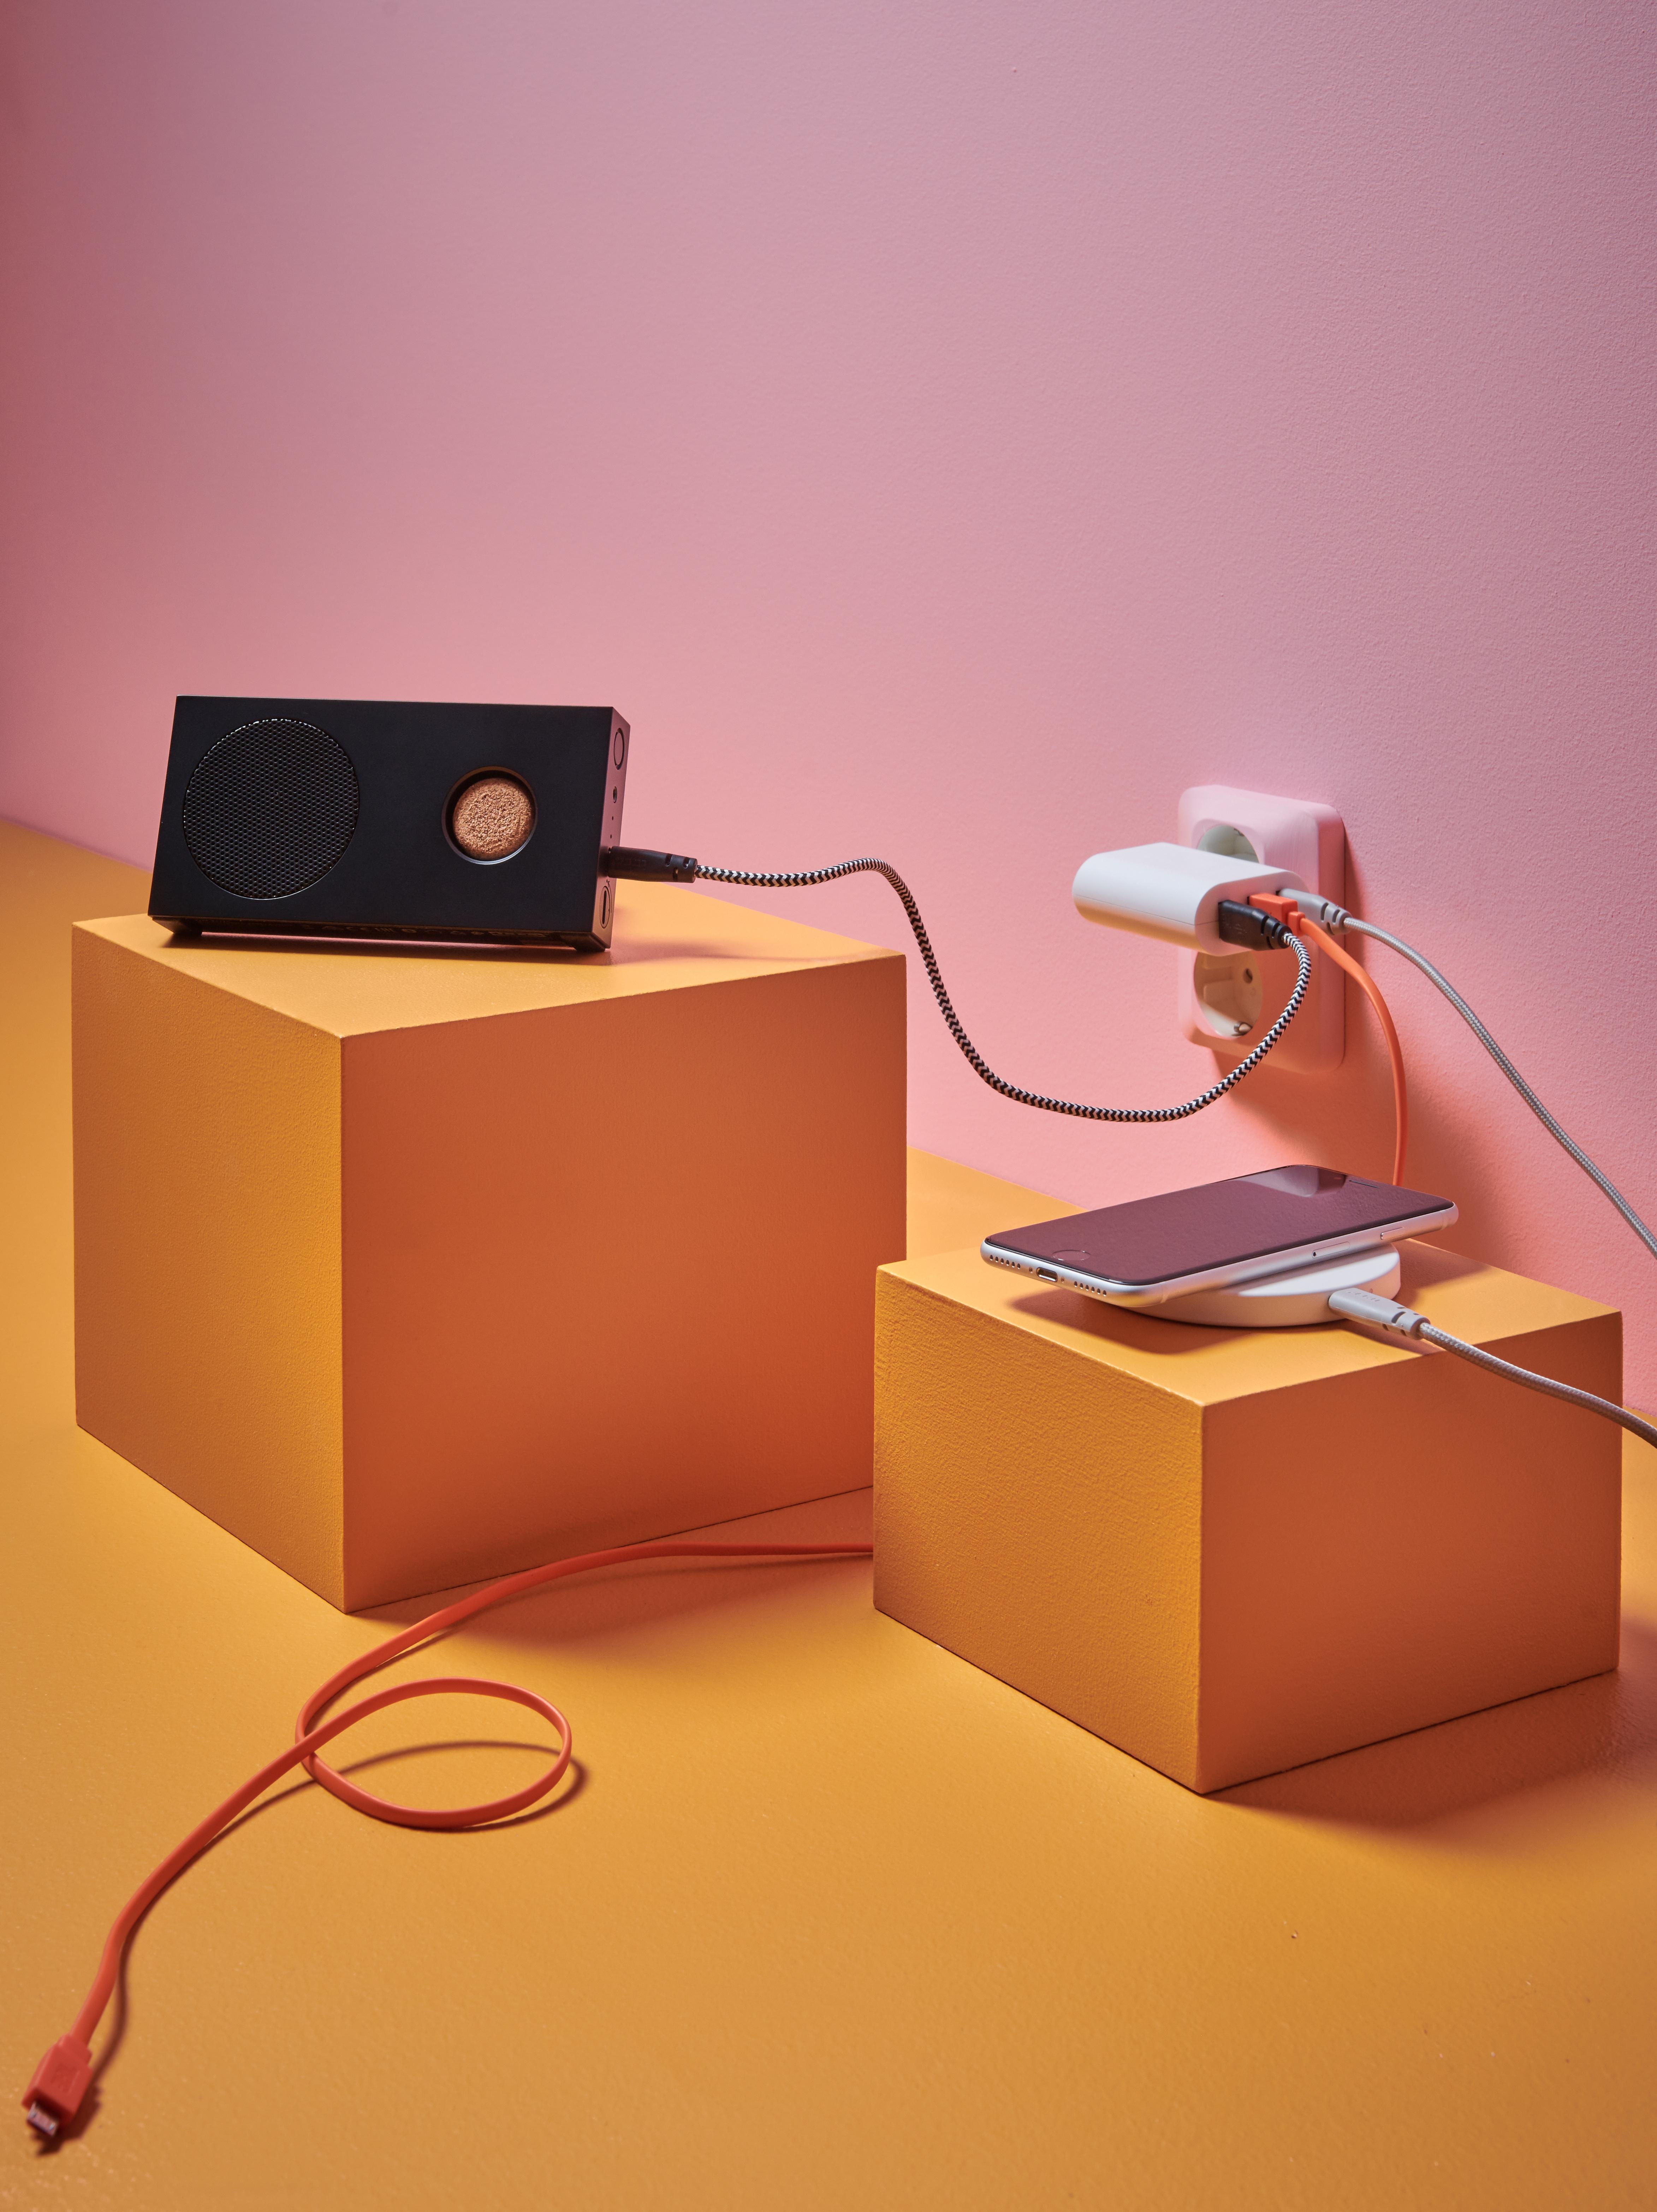 Uno spazio rosa/arancione con espositori su cui sono appoggiati una cassa e un caricabatterie Bluetooth, collegati a una presa di corrente tramite cavi USB.